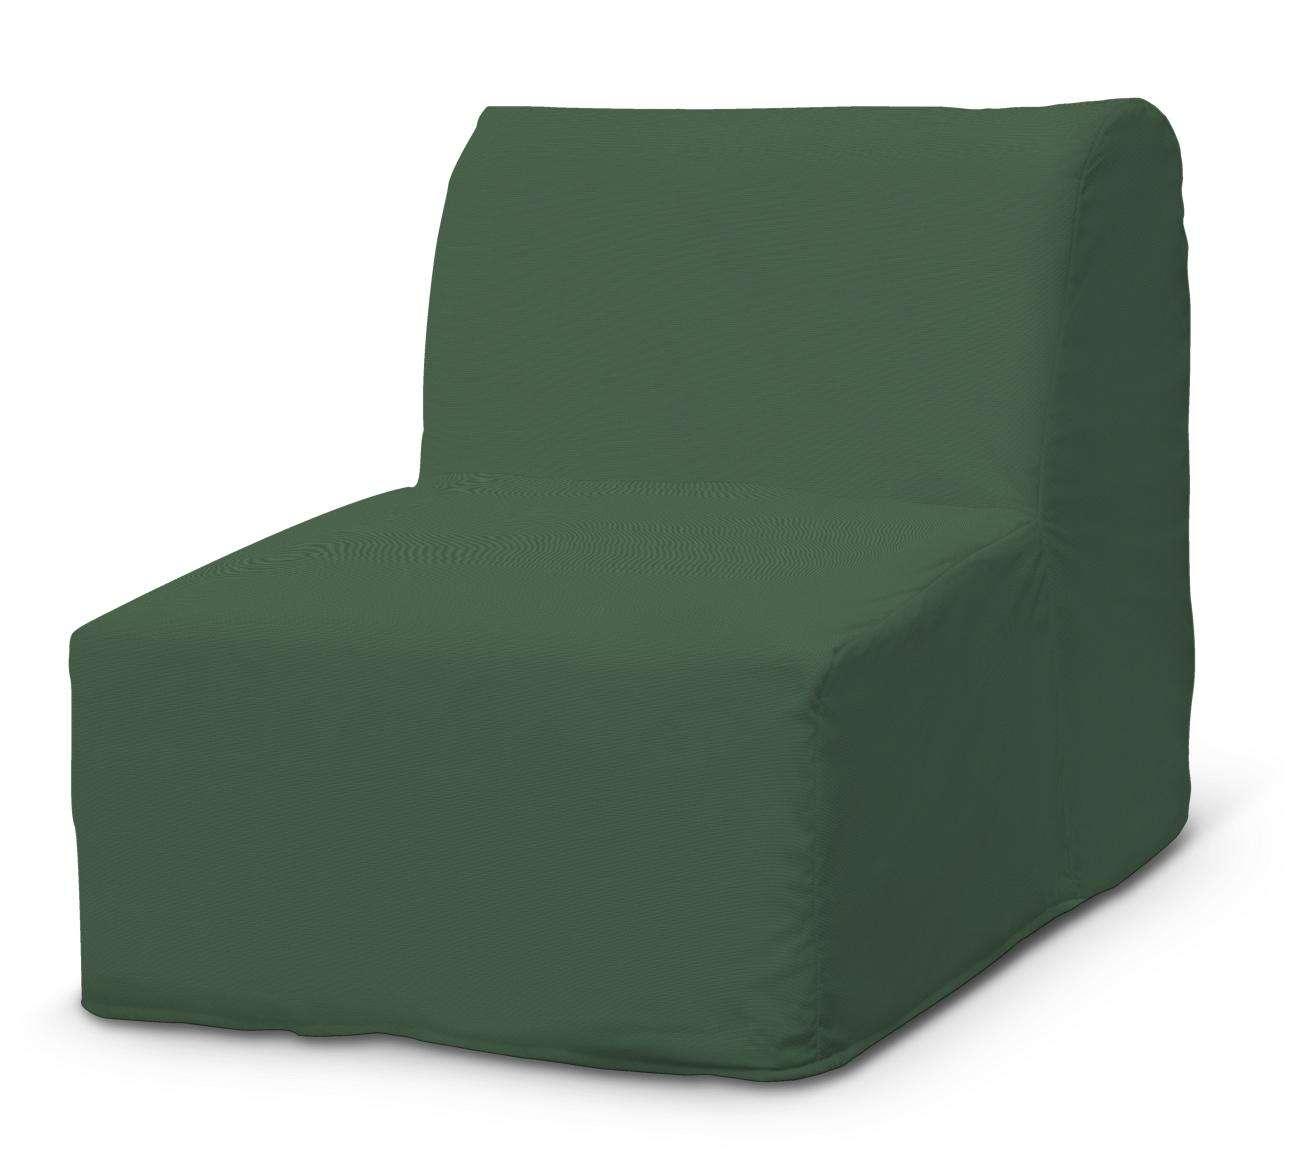 Pokrowiec na fotel Lycksele prosty w kolekcji Cotton Panama, tkanina: 702-06